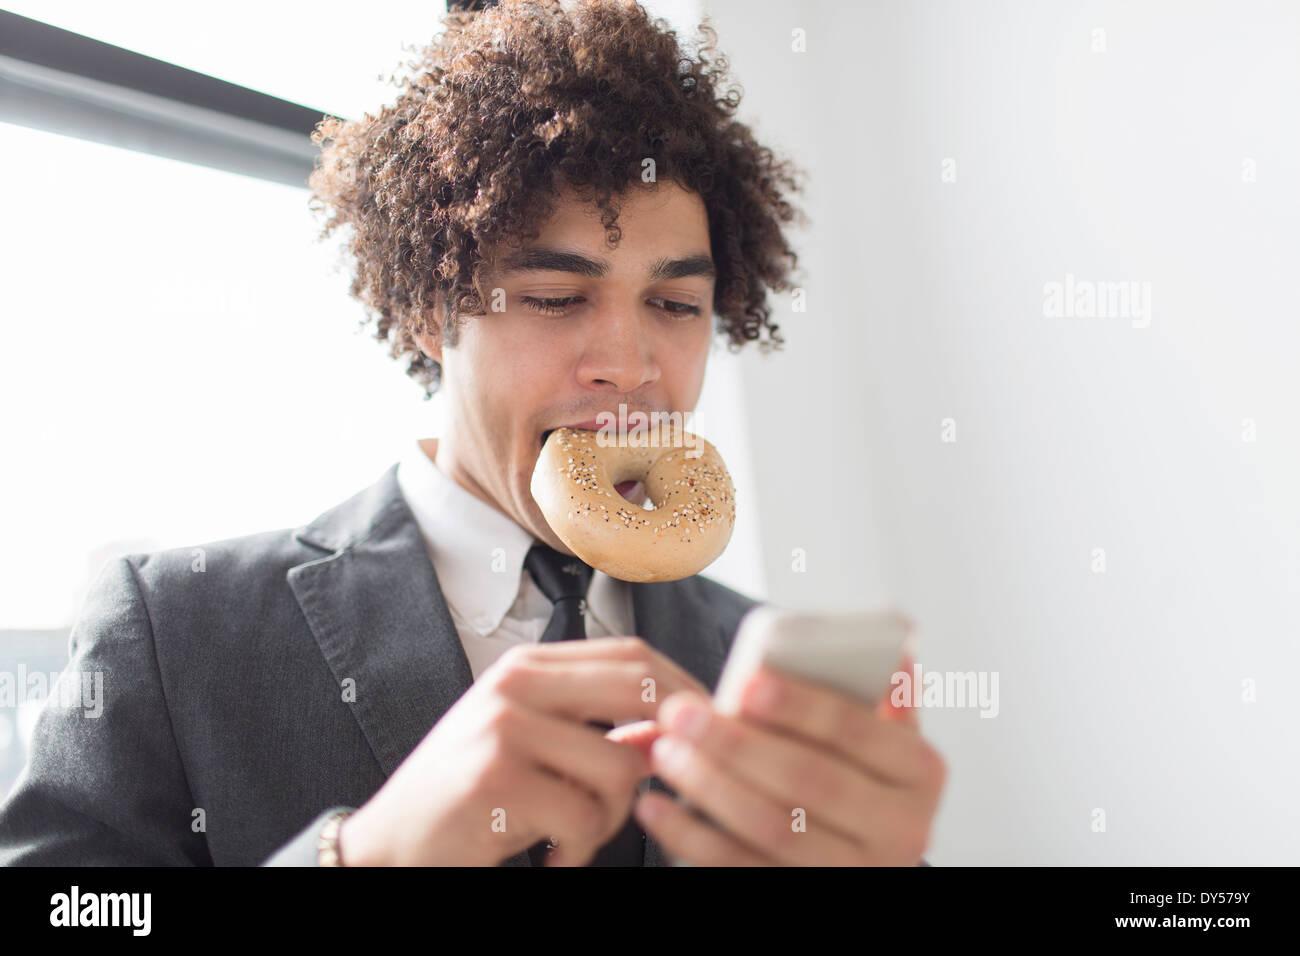 Junger Mann mit Handy mit Bagel in Mund Stockbild